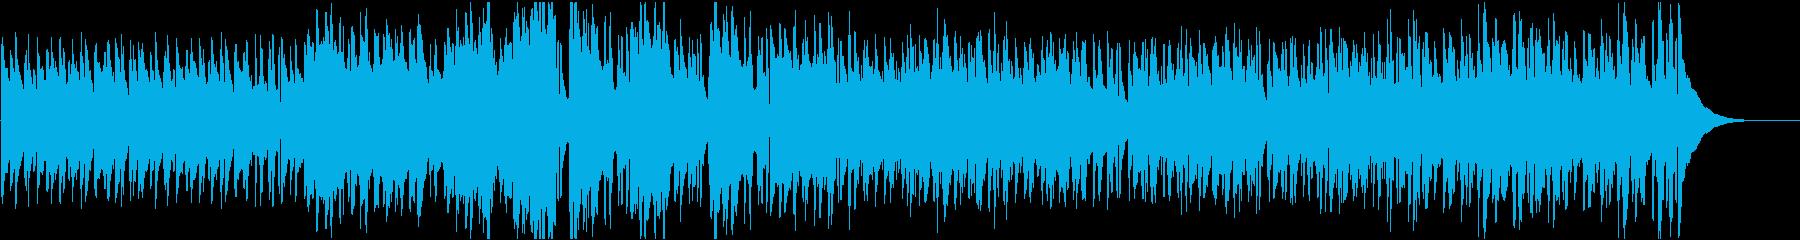 企業VP51 16bit48kHzVerの再生済みの波形